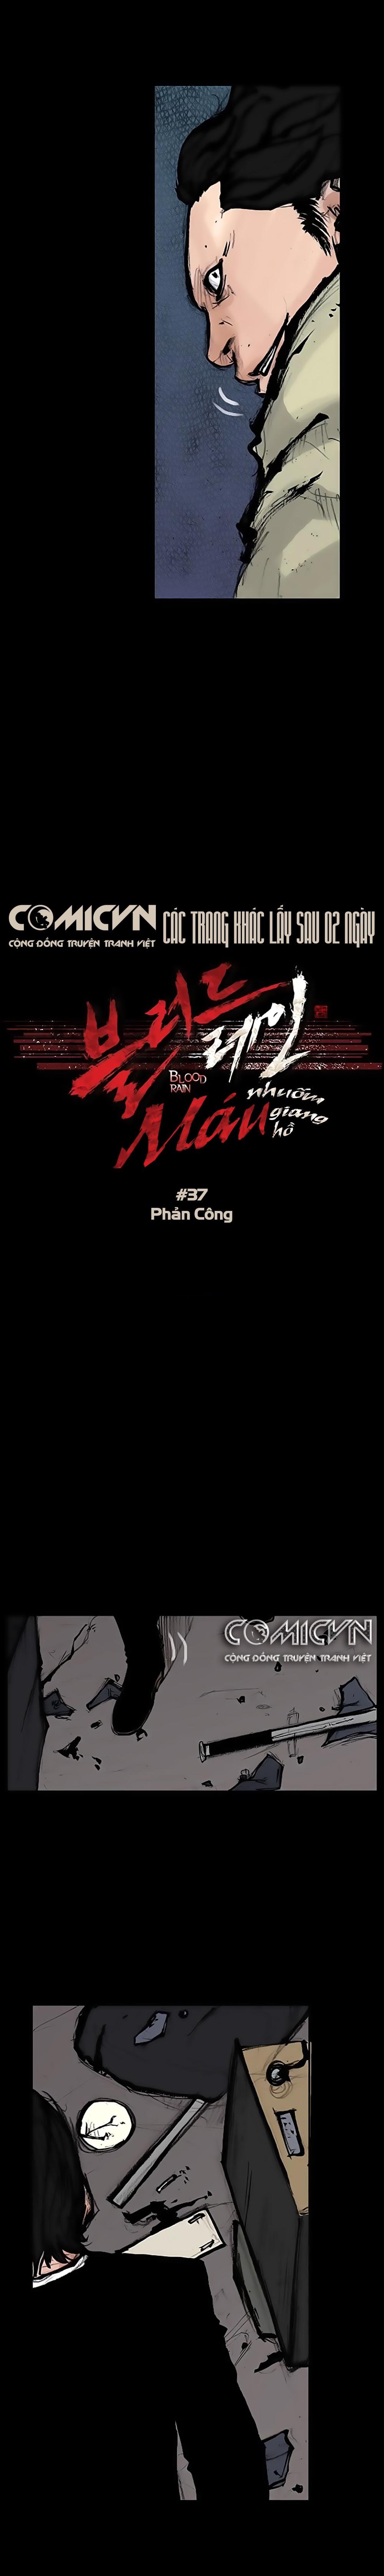 Máu Nhuốm Giang Hồ | Blood Rain chap 37 - Trang 6